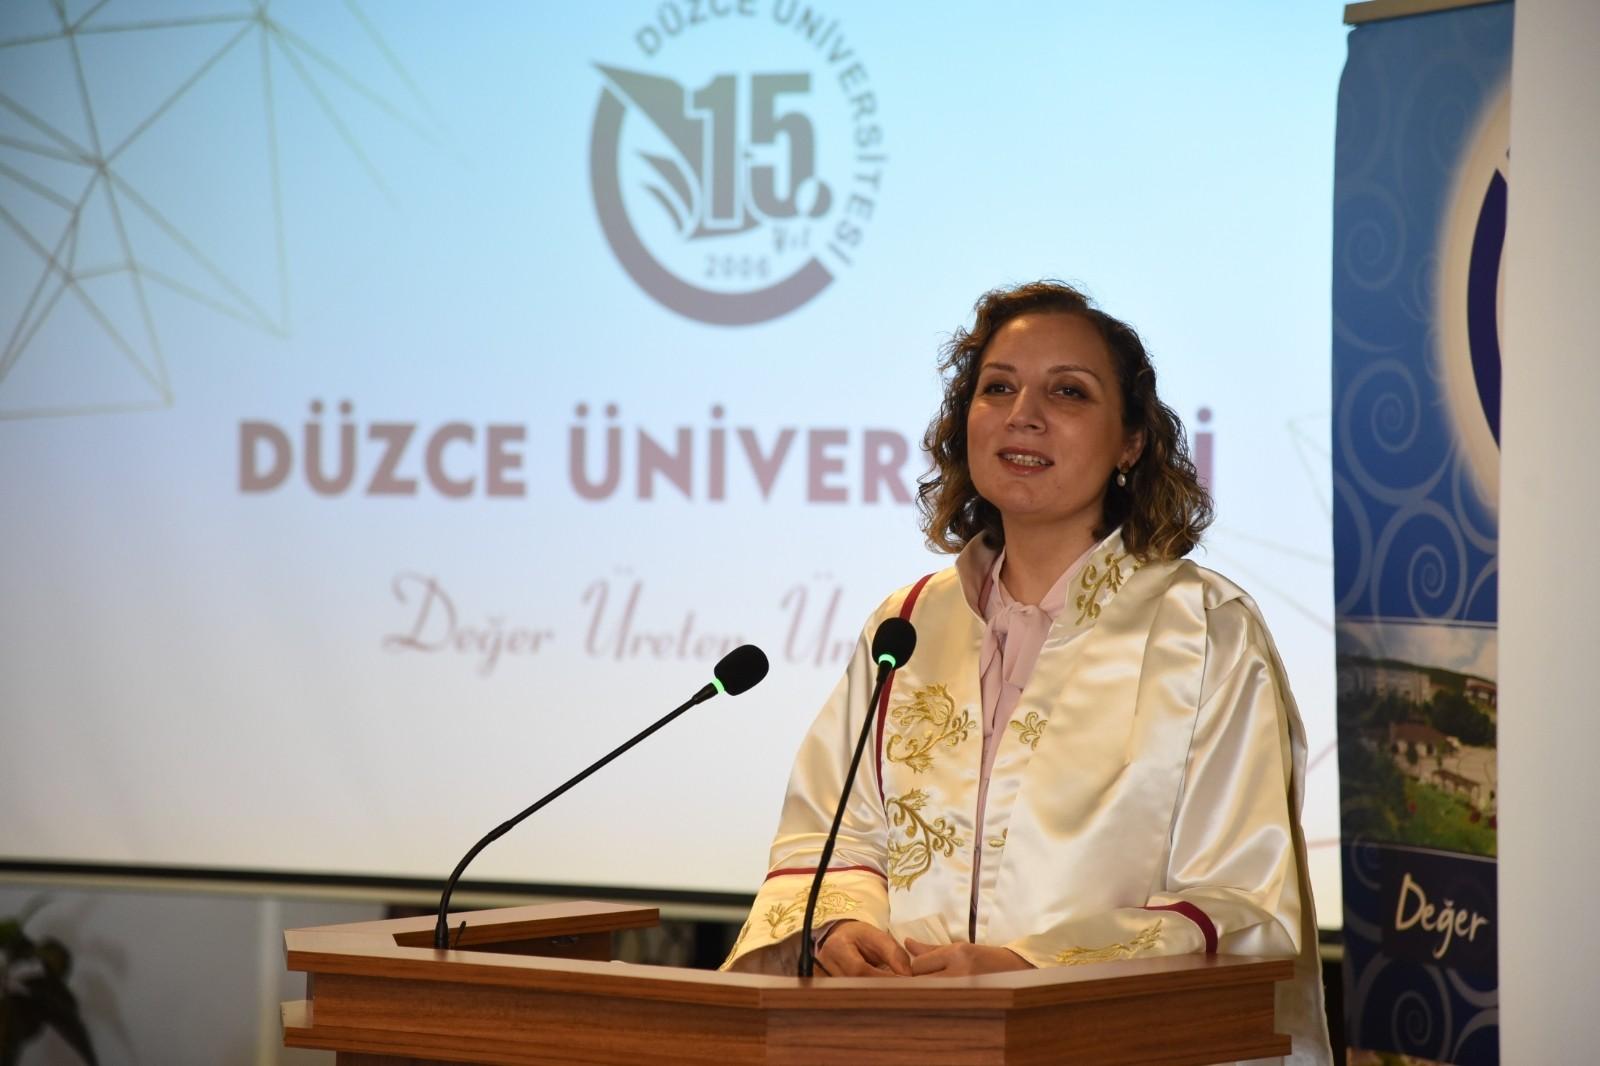 Düzce Üniversitesi'nin 15. yılında 15 ödül